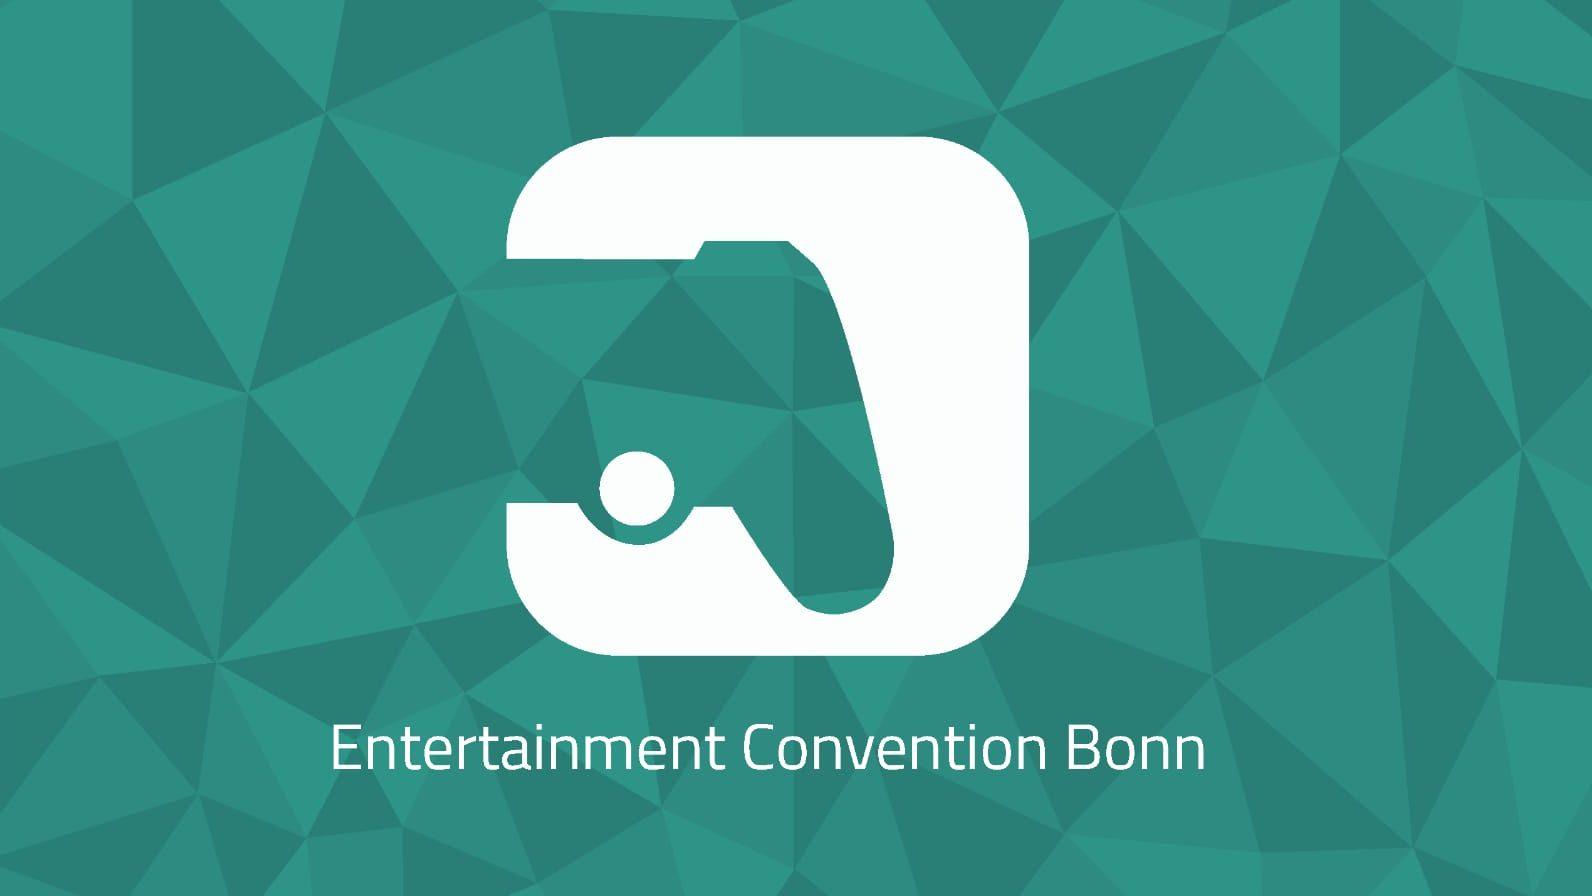 Entertainment Convention Bonn